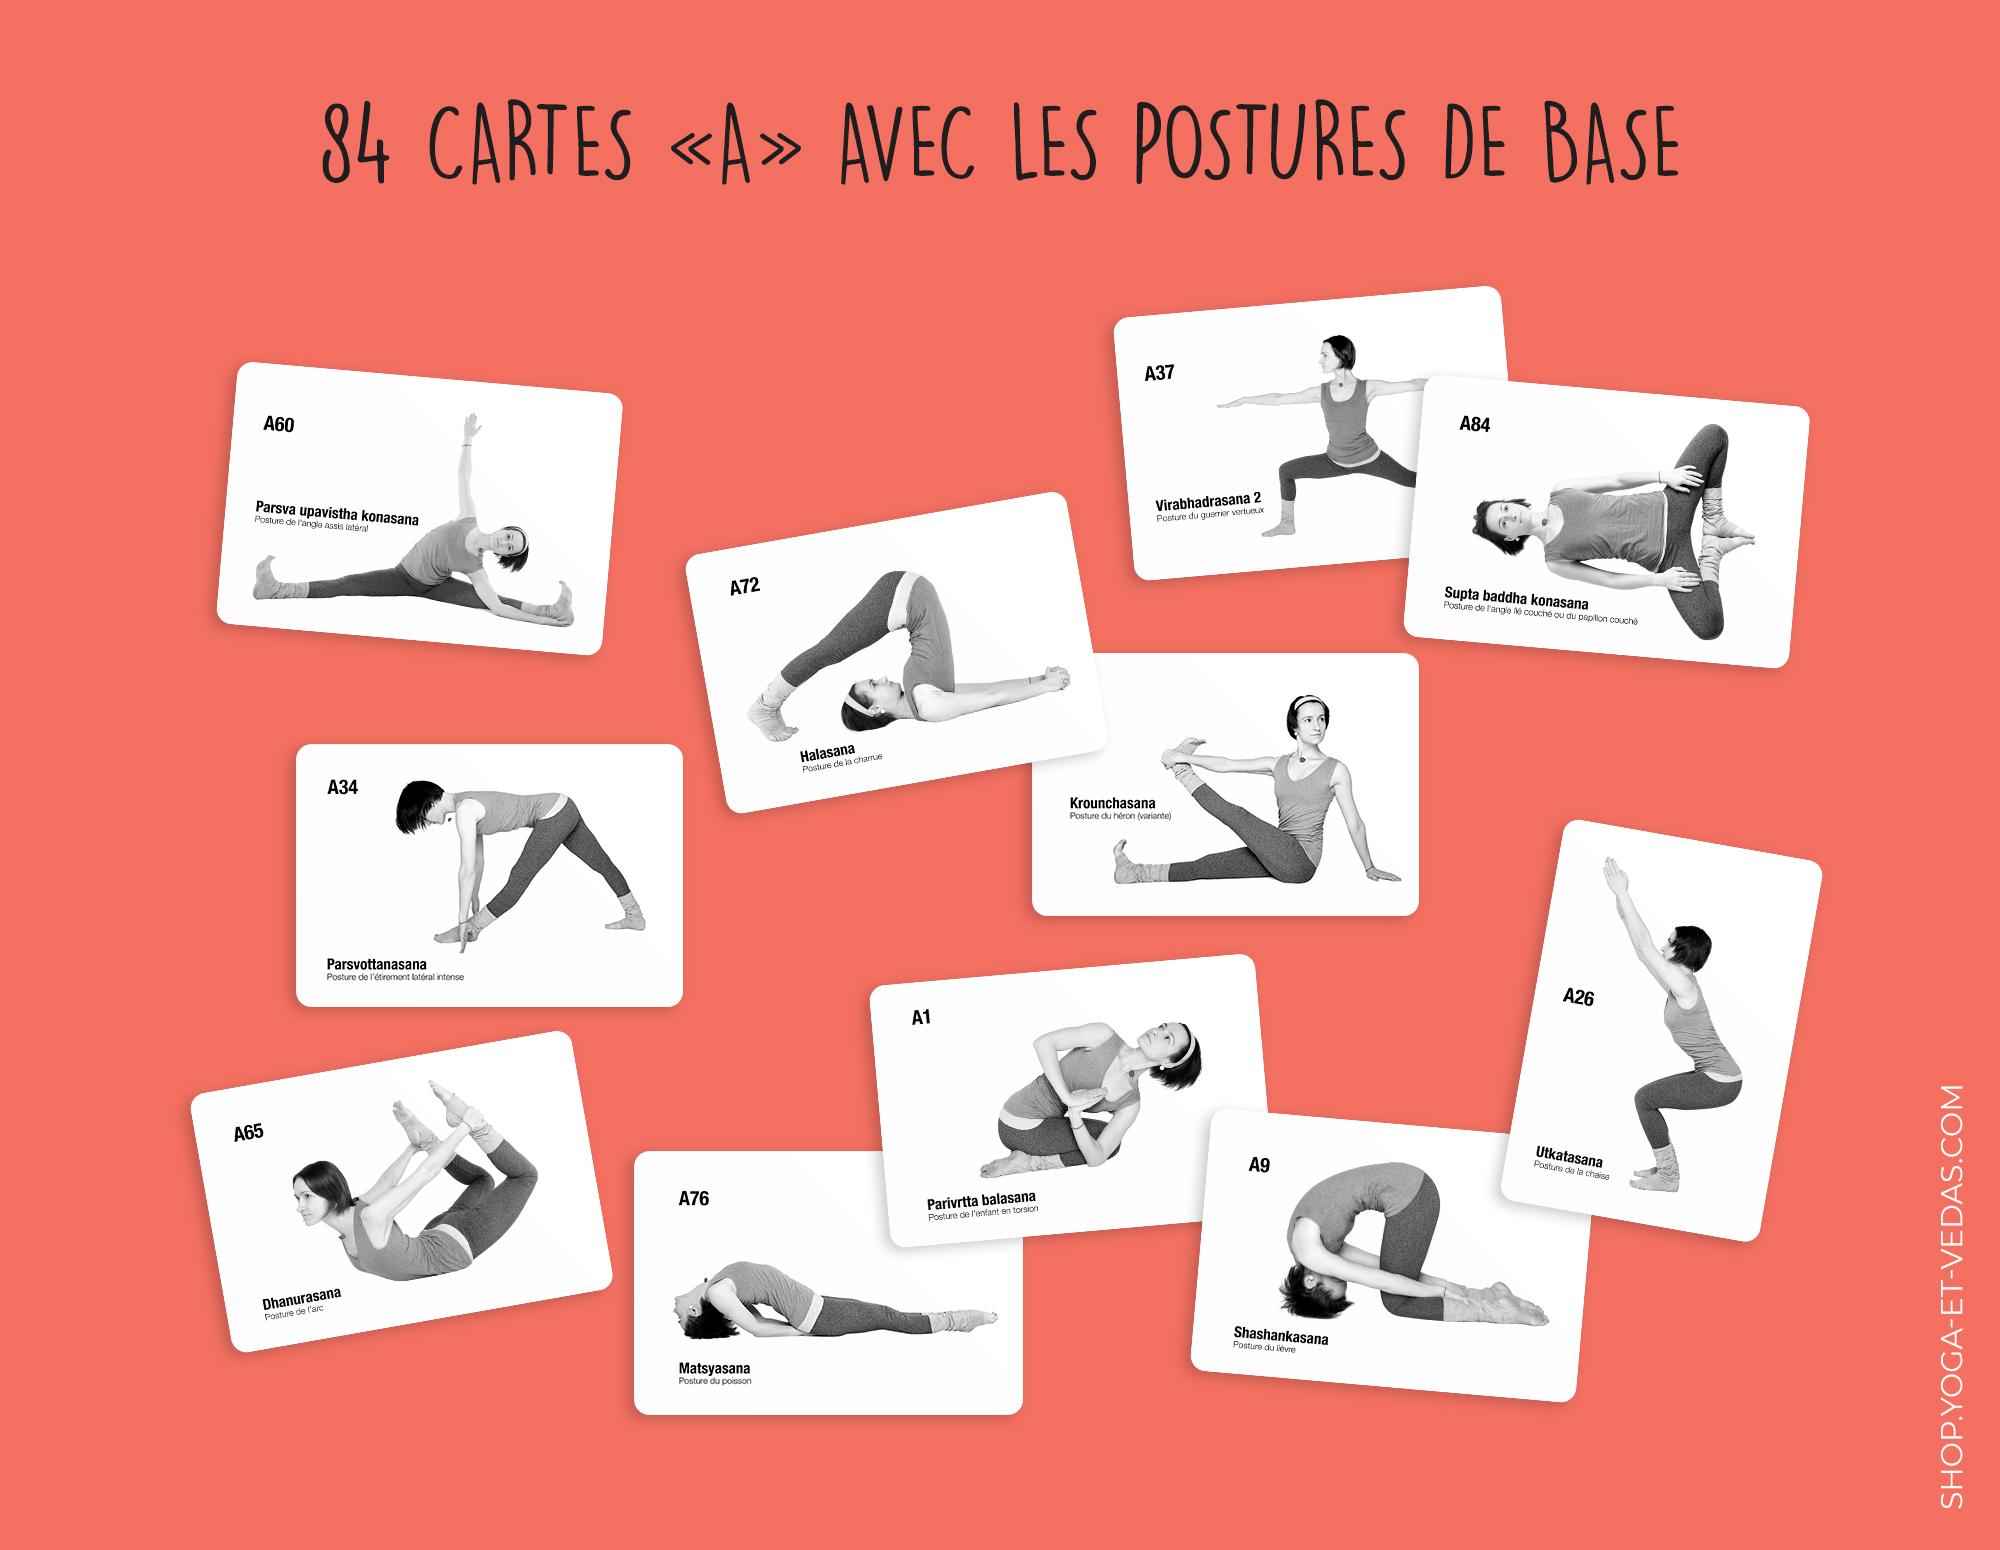 336 yoga cards - Cards A - Shop Yoga&Vedas